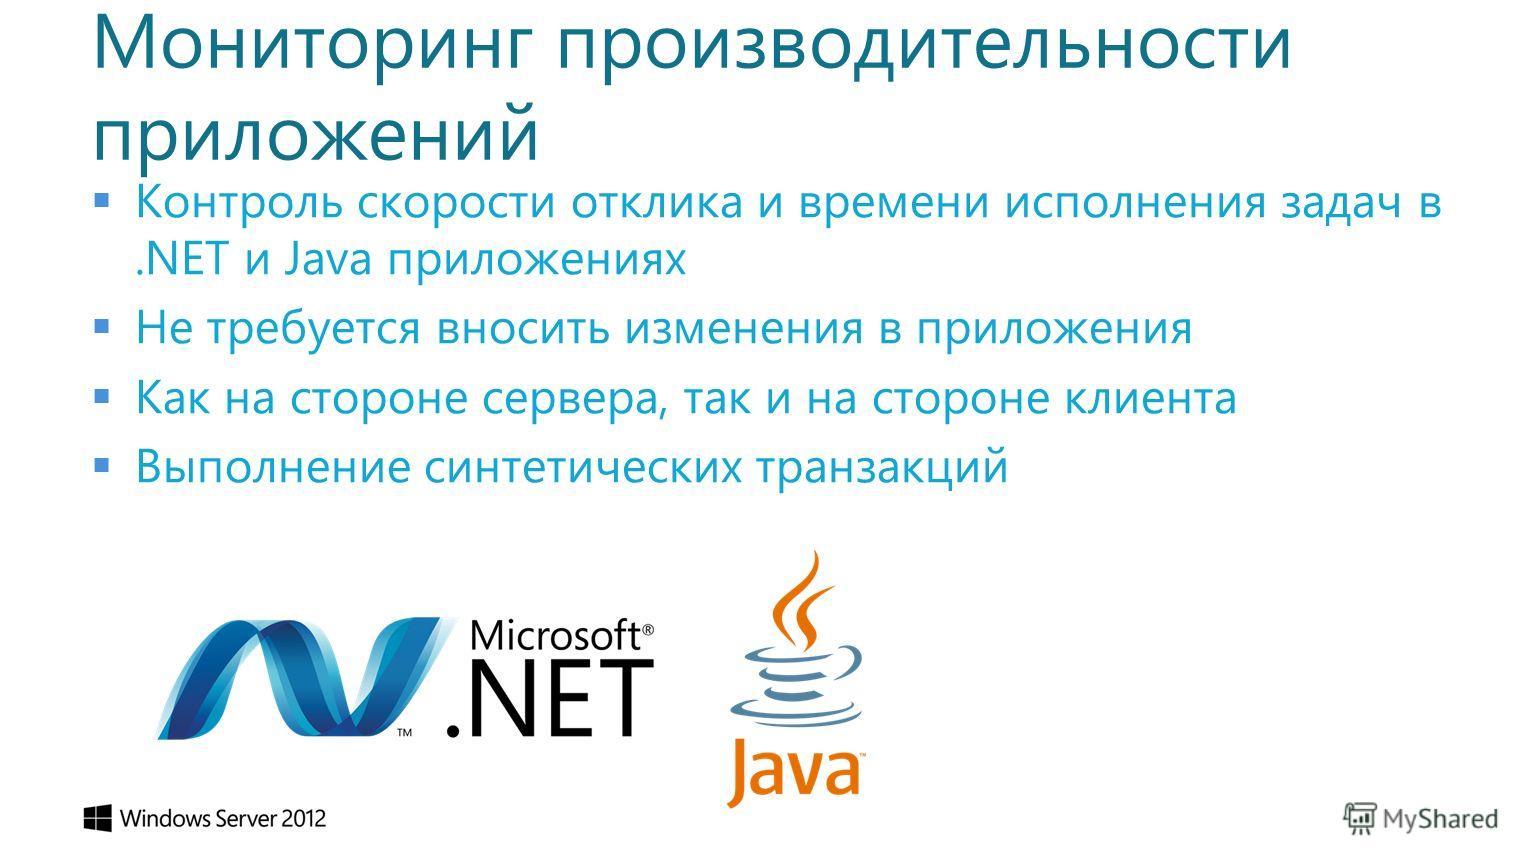 Мониторинг производительности приложений Контроль скорости отклика и времени исполнения задач в.NET и Java приложениях Не требуется вносить изменения в приложения Как на стороне сервера, так и на стороне клиента Выполнение синтетических транзакций